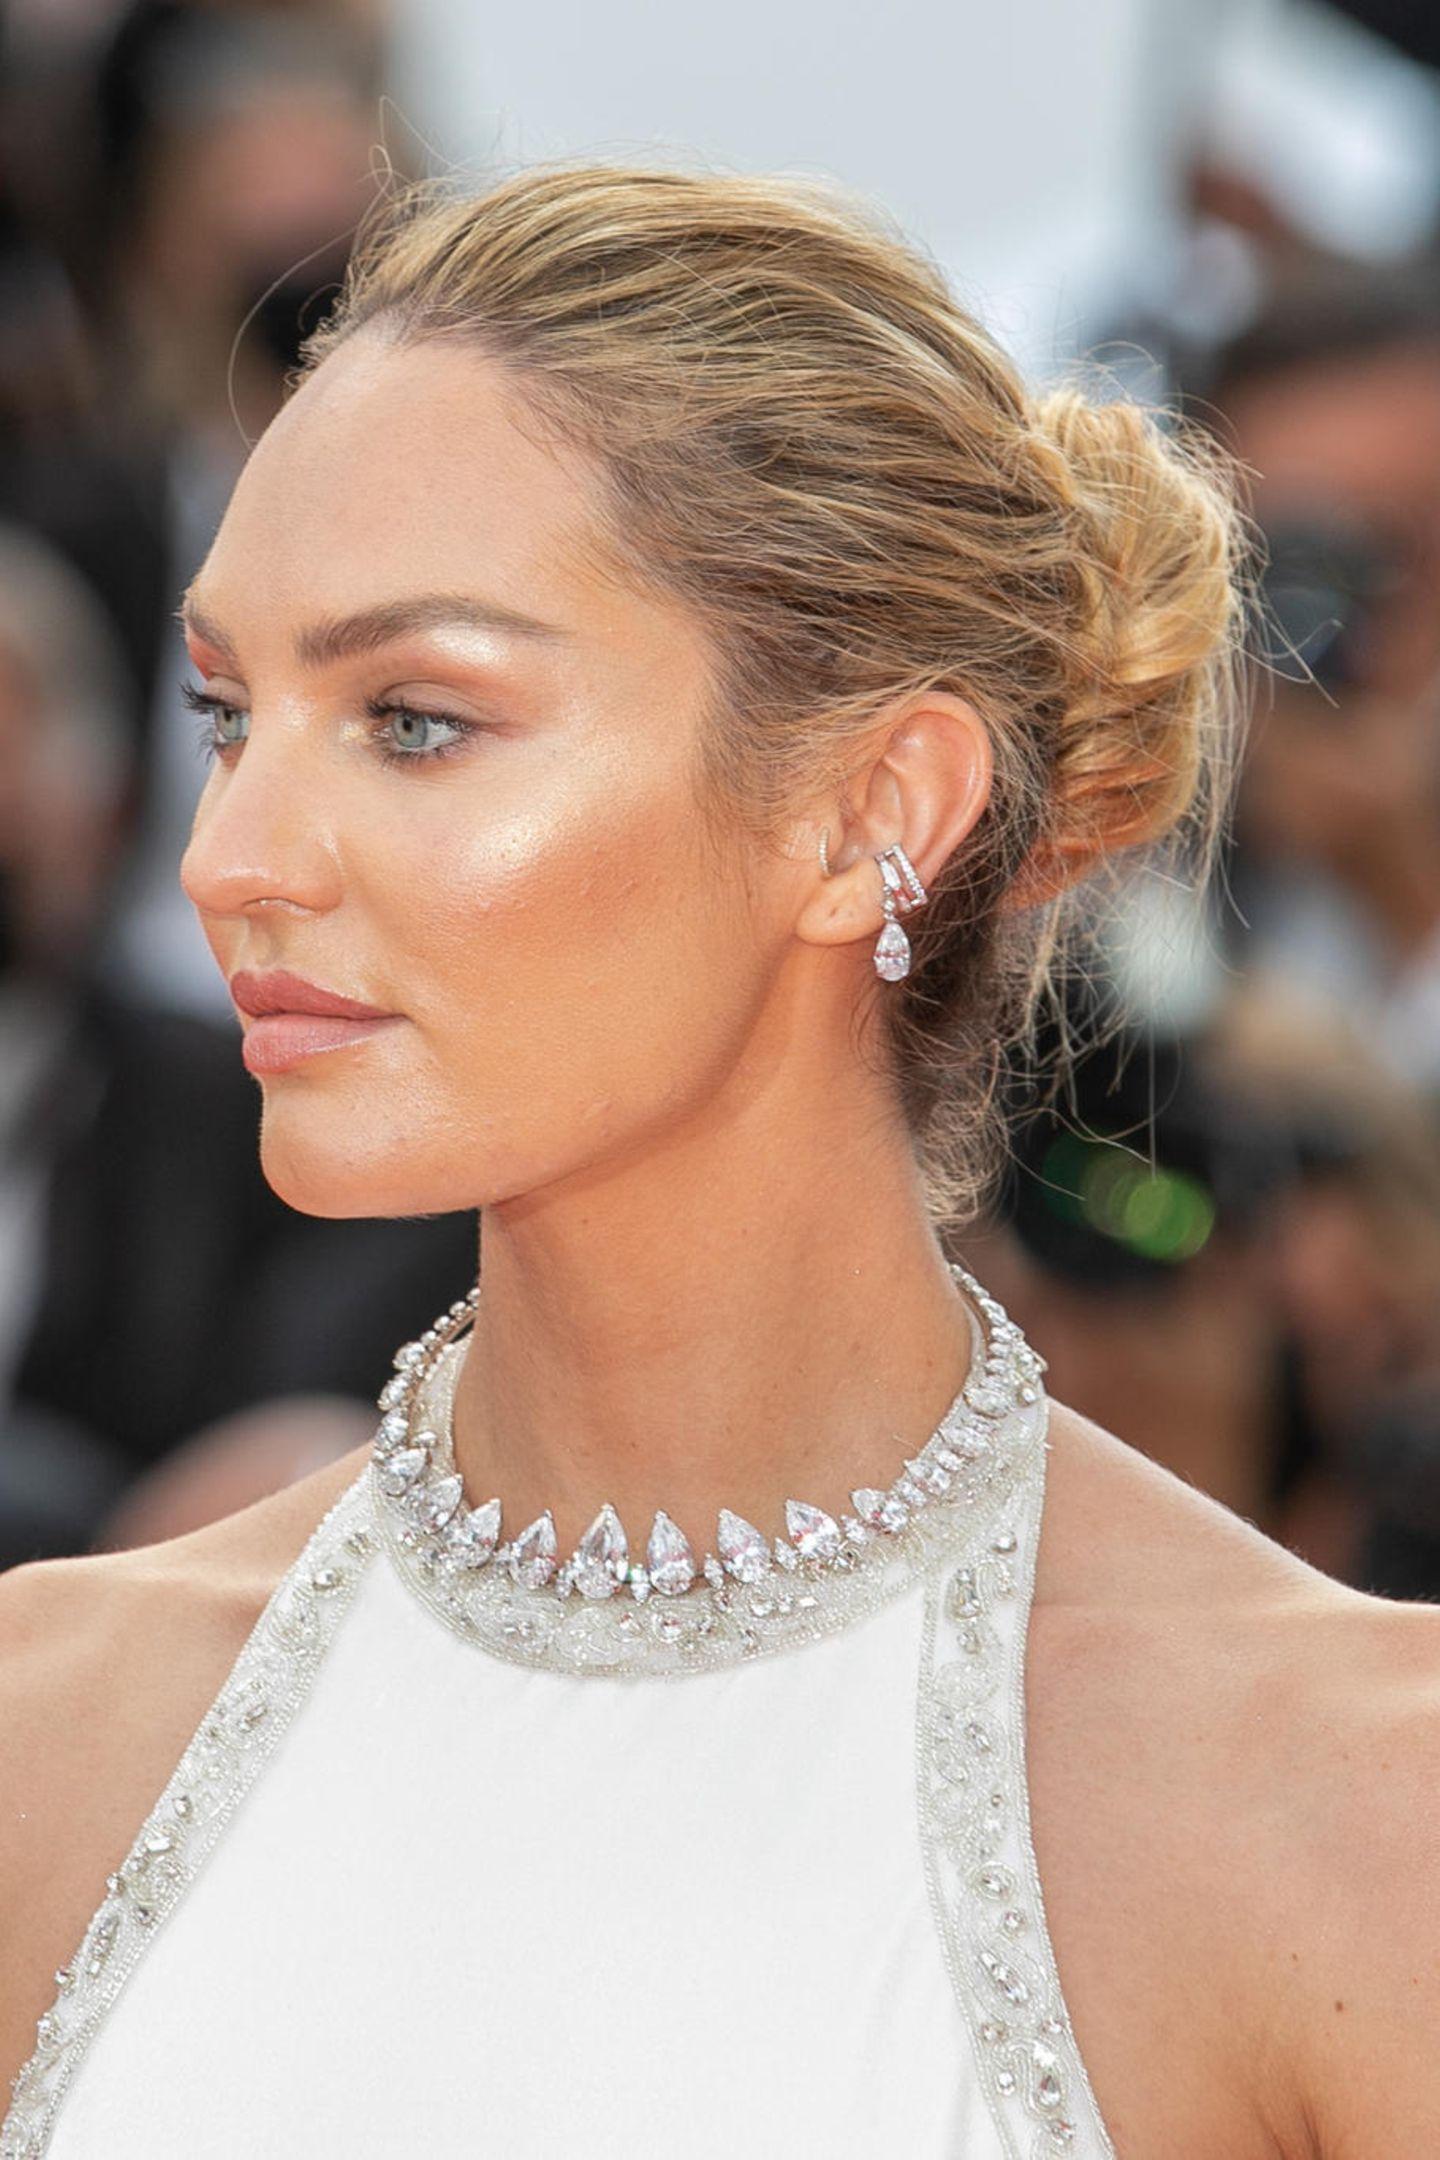 Candice Swanepoel weiß wie sie ihre blauen Augen zur Geltung bringt. Mit ihrem goldenen Make-up von Charlotte Tilburystrahlen sie um so mehr. Da der Highlighter jedochfür genug Glanz sorgt, bleibt die Lippe des Models lieber matt.